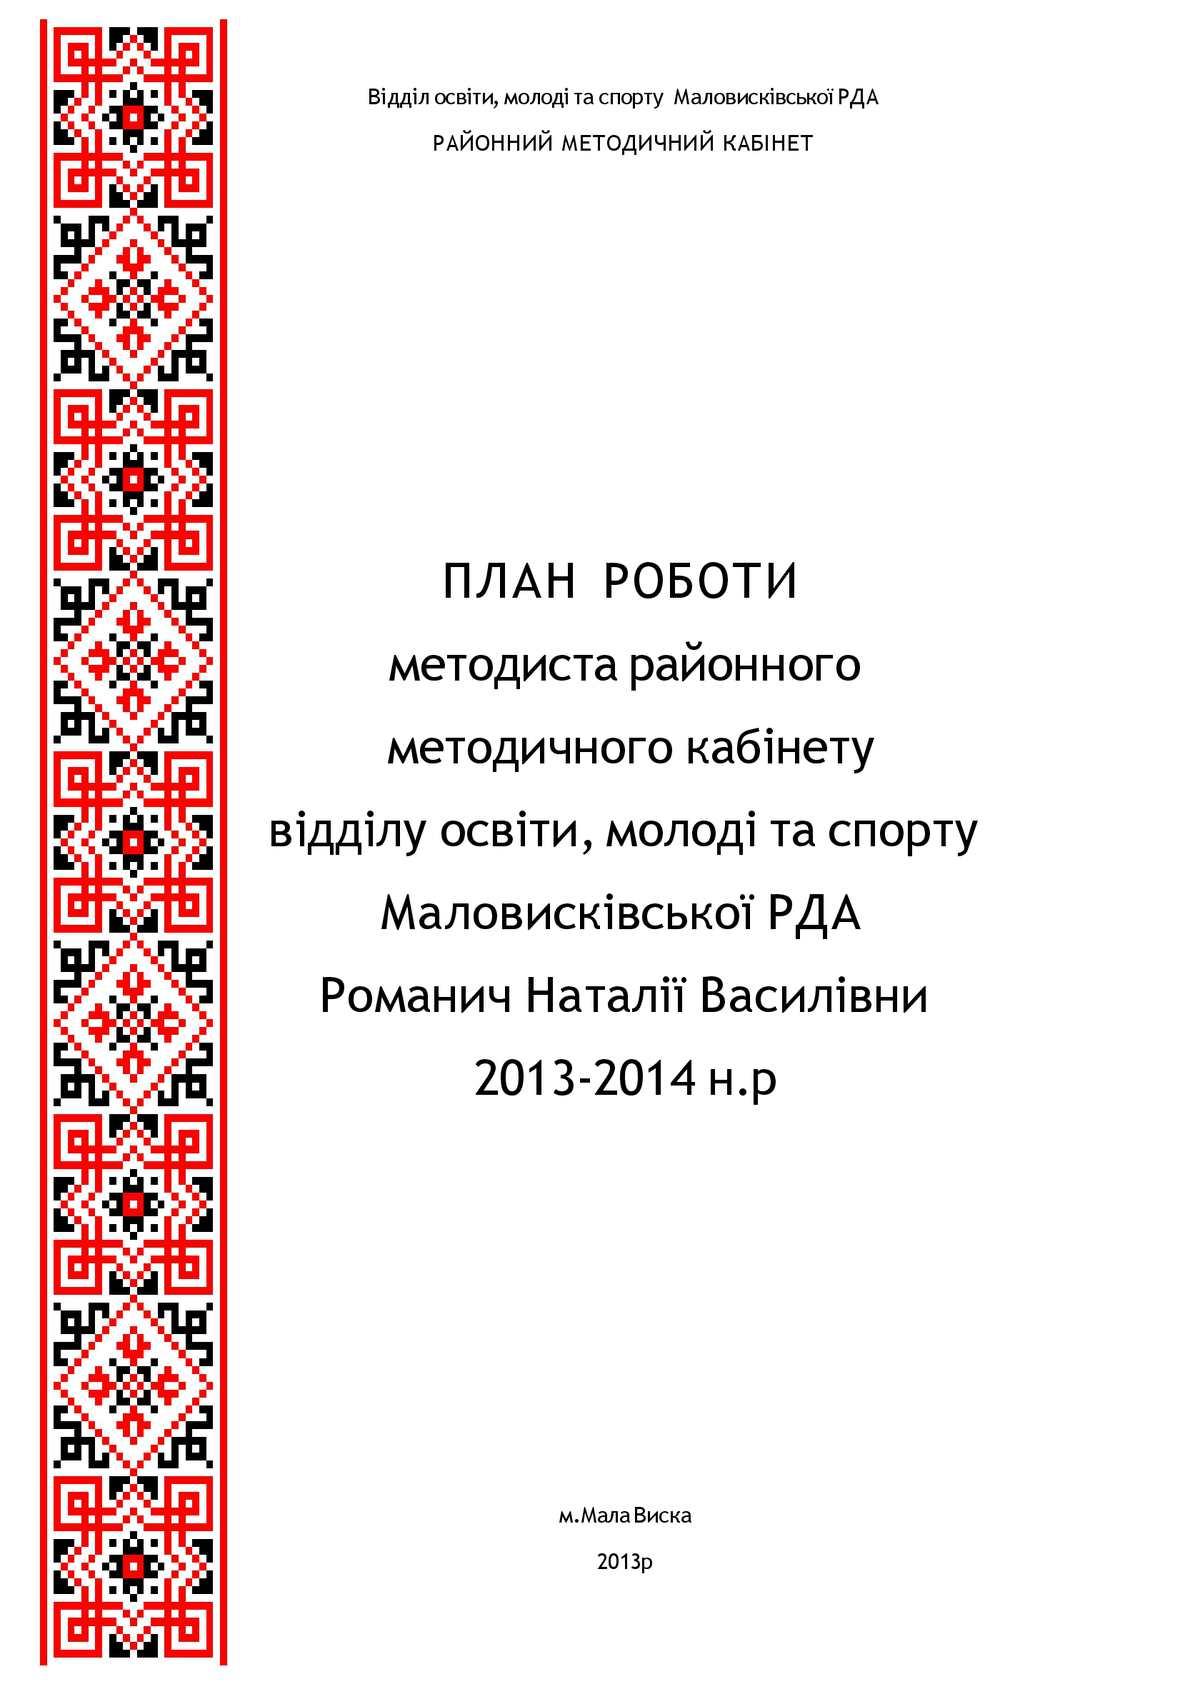 План роботи методиста (2013-2014 н.р.)